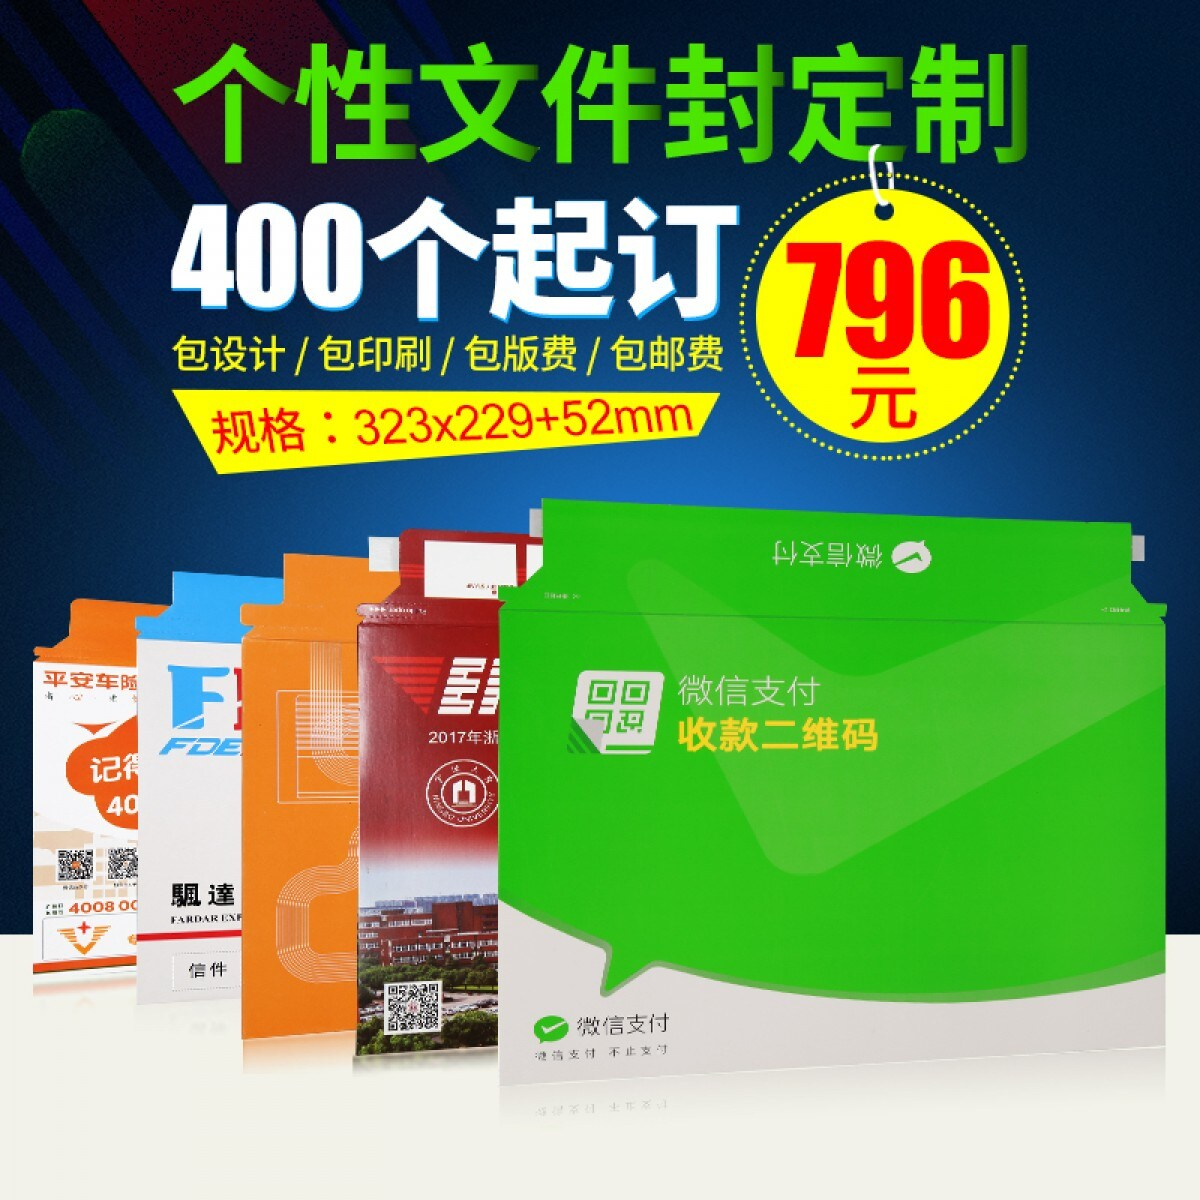 文件封定制 包设计、包印刷、包版费、包邮,400个起印